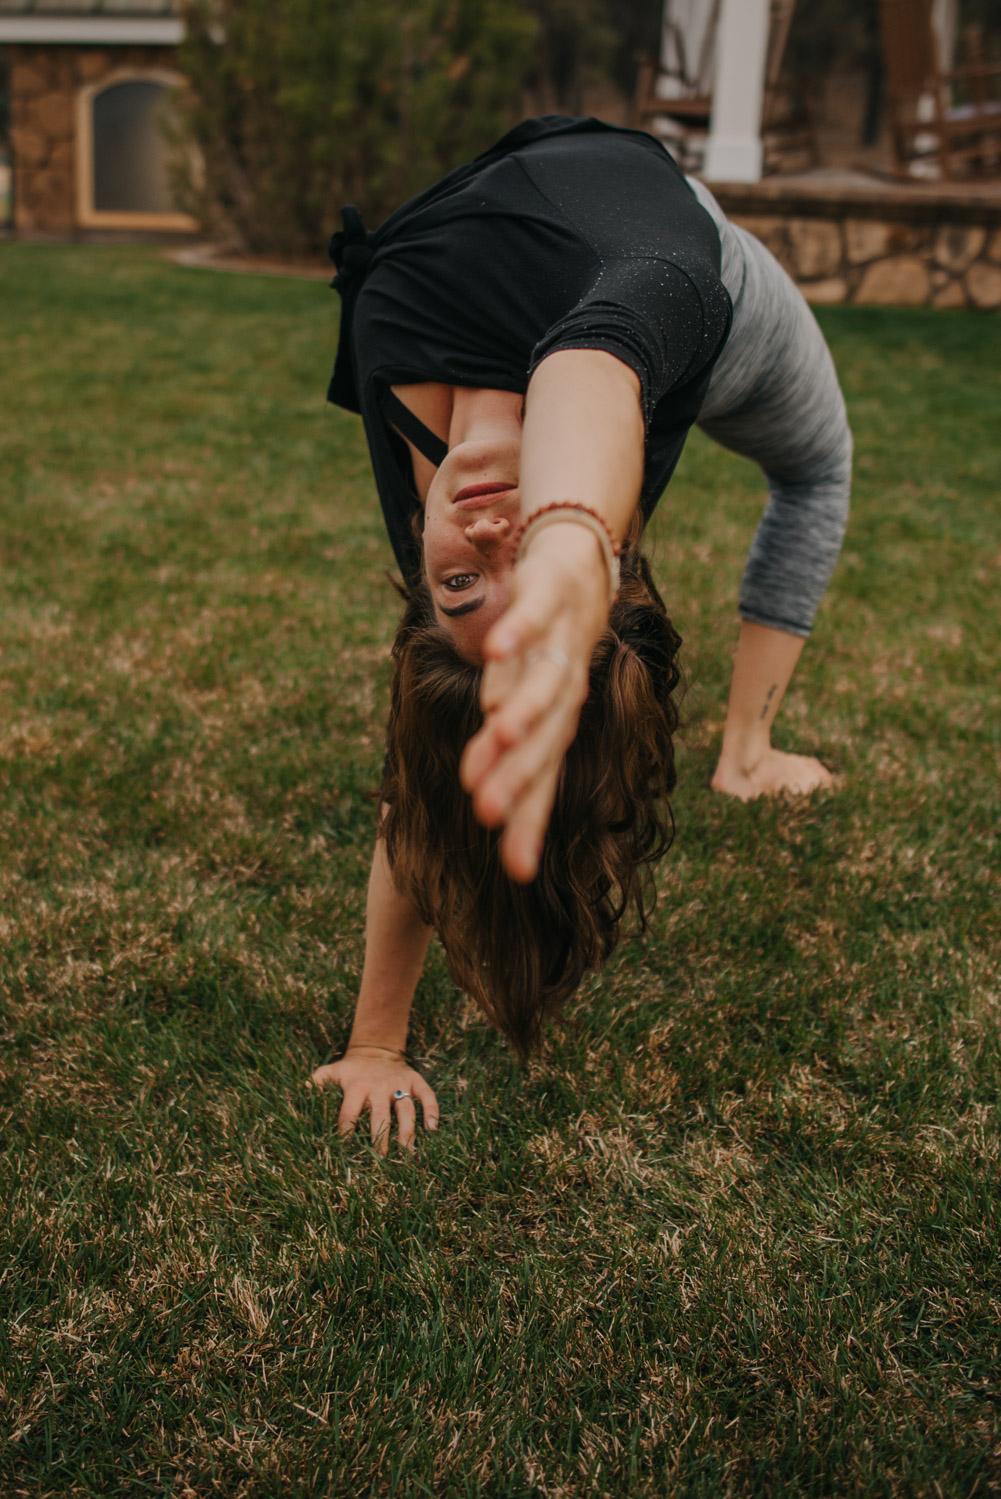 Denver Colorado Dance Photographer | Yoga Photographer | {Dance Photography Denver, Colorado Yoga Photography